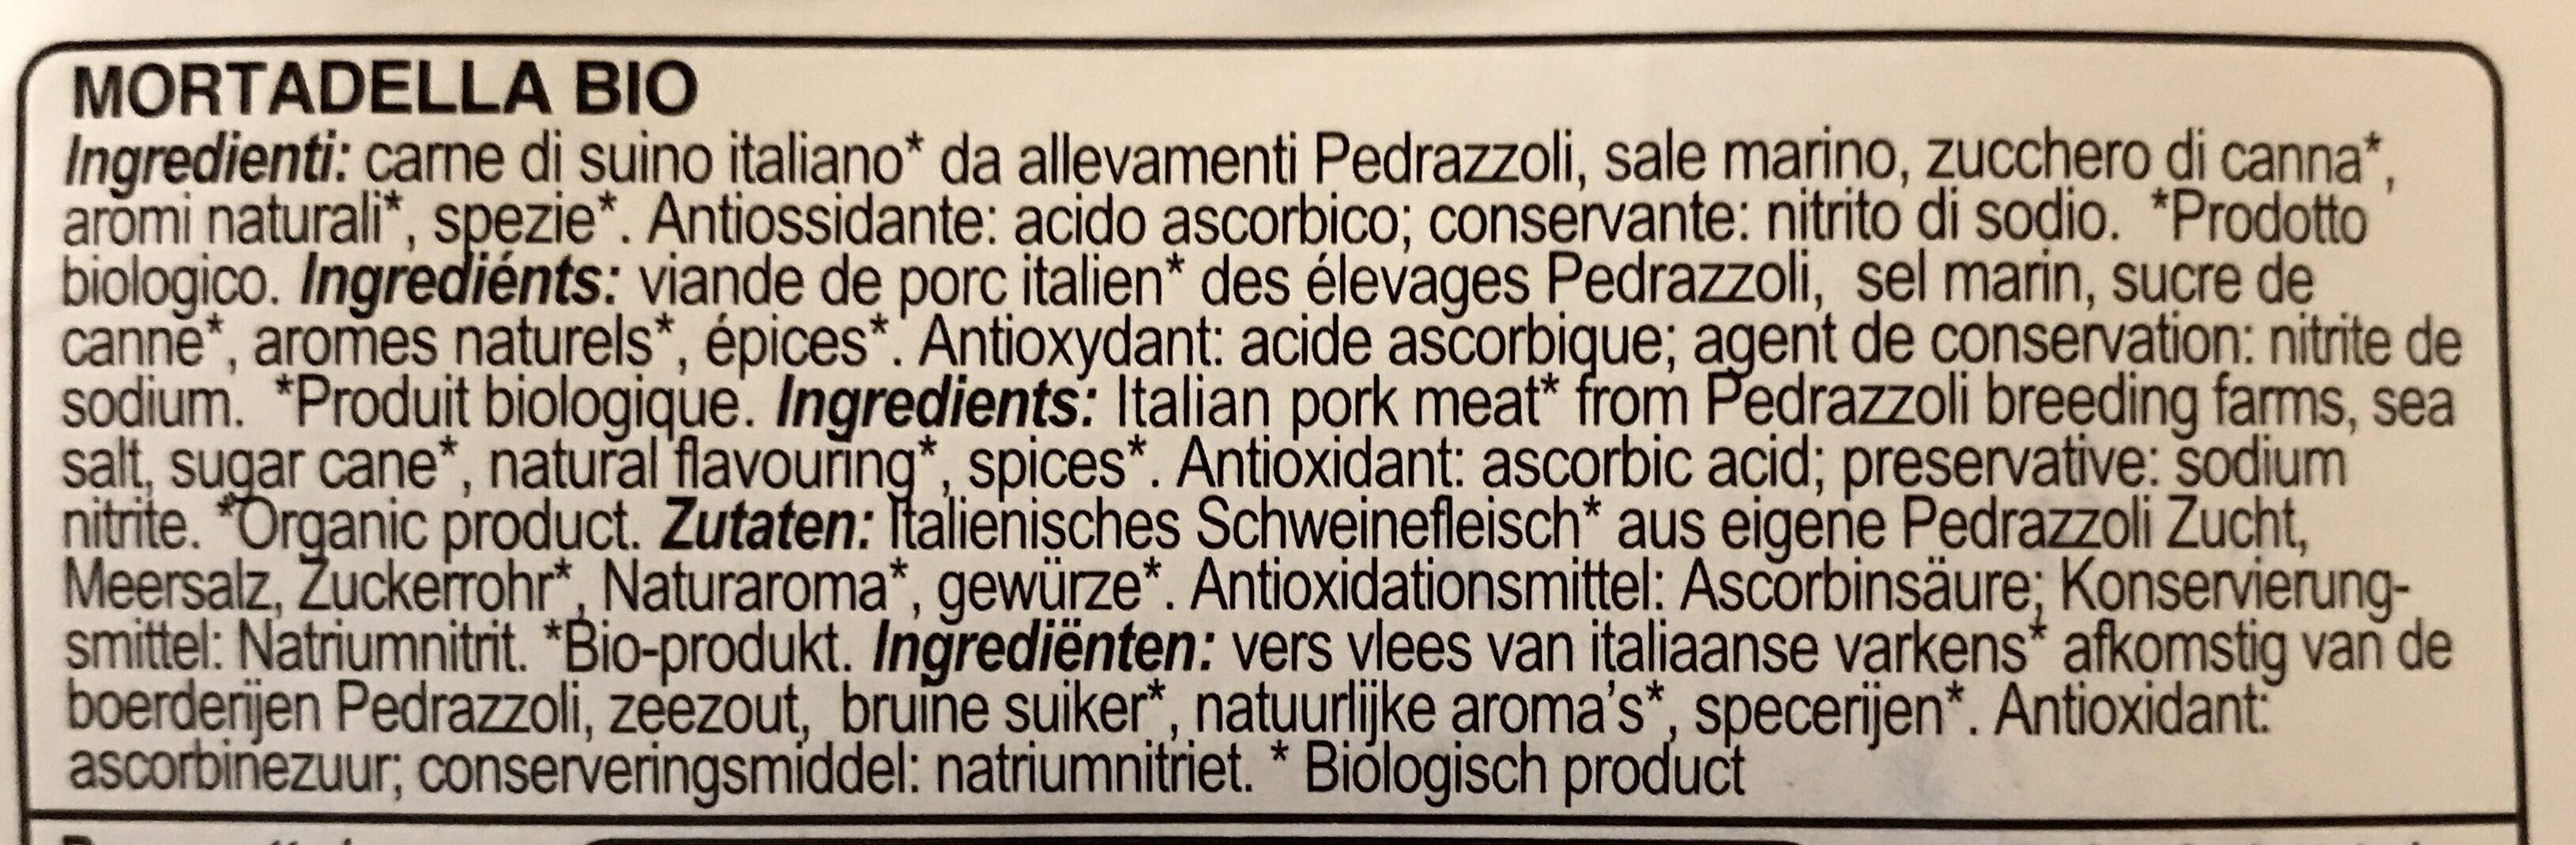 Mortadelle Chiffonnade Bio 100g - Ingrediënten - fr